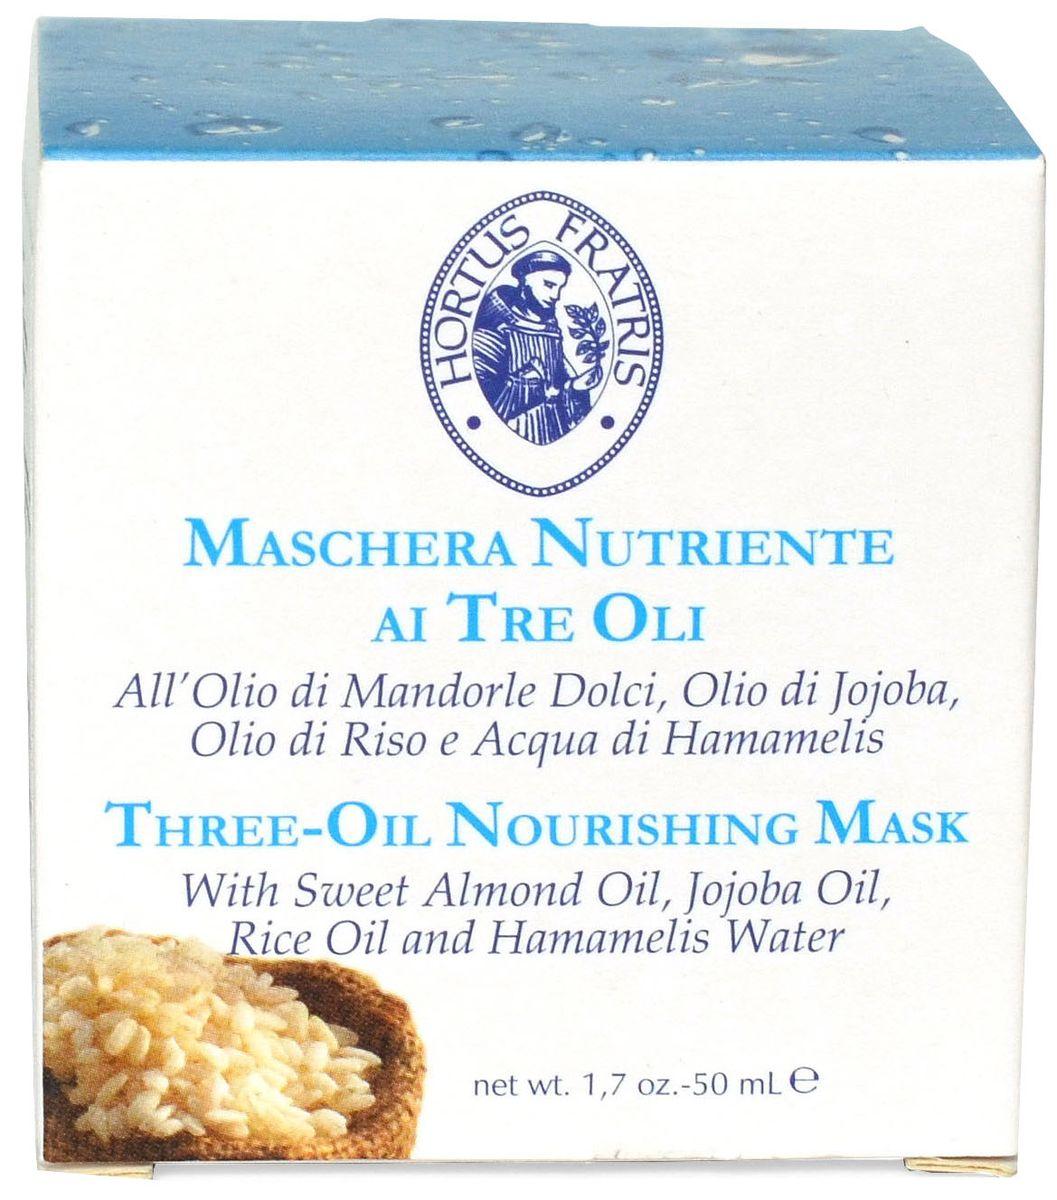 Hortus Fratris питательная маска с тремя маслами масло миндаля сладкого, масло жожоба, рисовое масло и вода гамамелиса, 50 млTYF02Маска с тремя маслами интенсивно увлажняет и придает упругость коже благодаря действию масла Миндаля сладкого в сочетании смаслом Жожоба. Hortus Fratris использует полезные свойства масла риса витаминизирует кожу лица и замедляет признаки ее старения, кожа становится свежей и здоровой. Нежная и эффективная маска успокаивает и делает упругой кожу лица, снимает следы усталости, с первого применения лицо приобретает удивительное сияние и тонус.